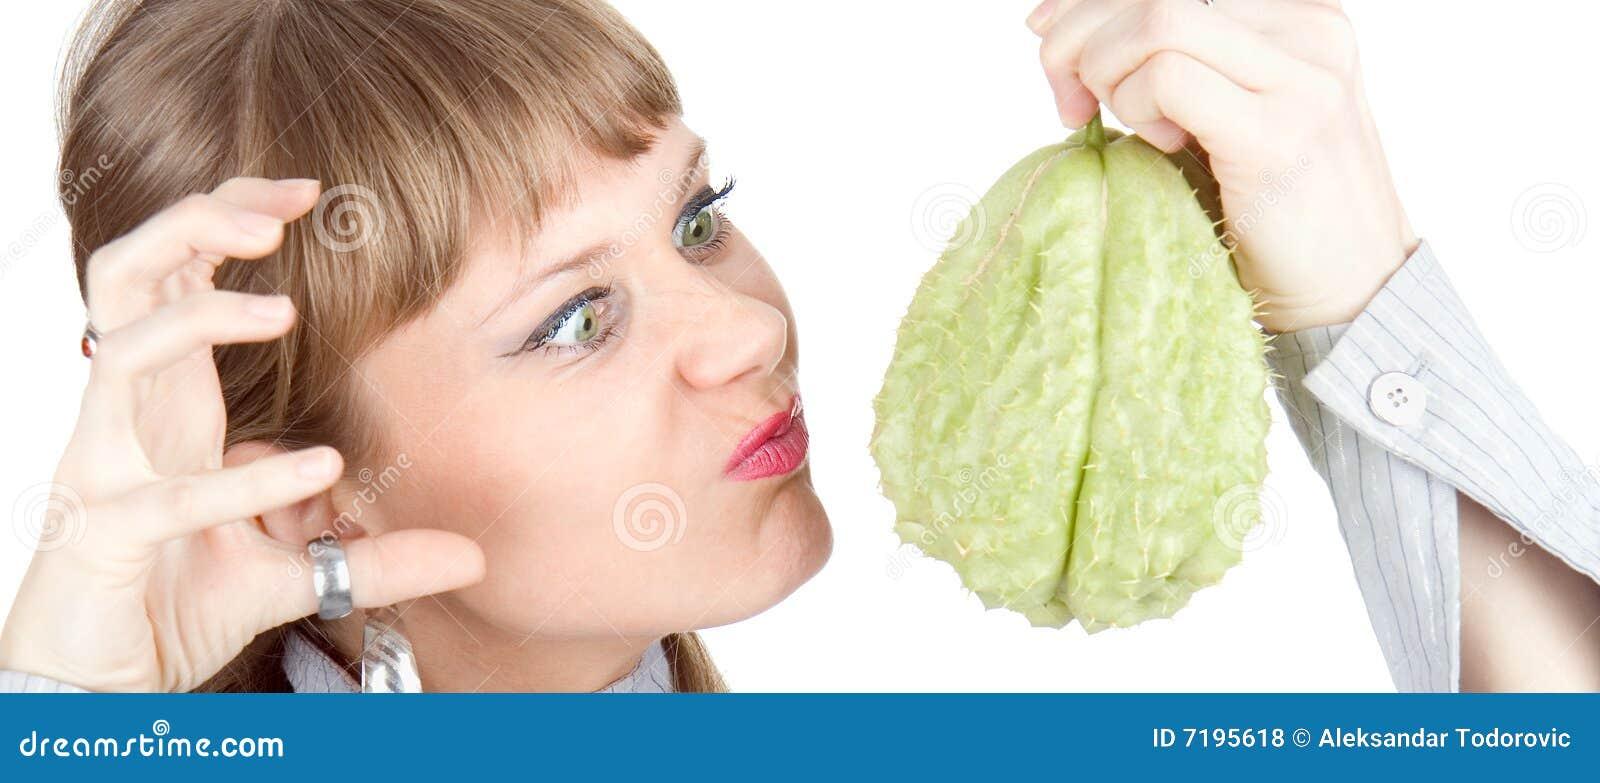 Η γυναίκα έχει ένα μίσος εξετάζοντας το πράσινο λαχανικό